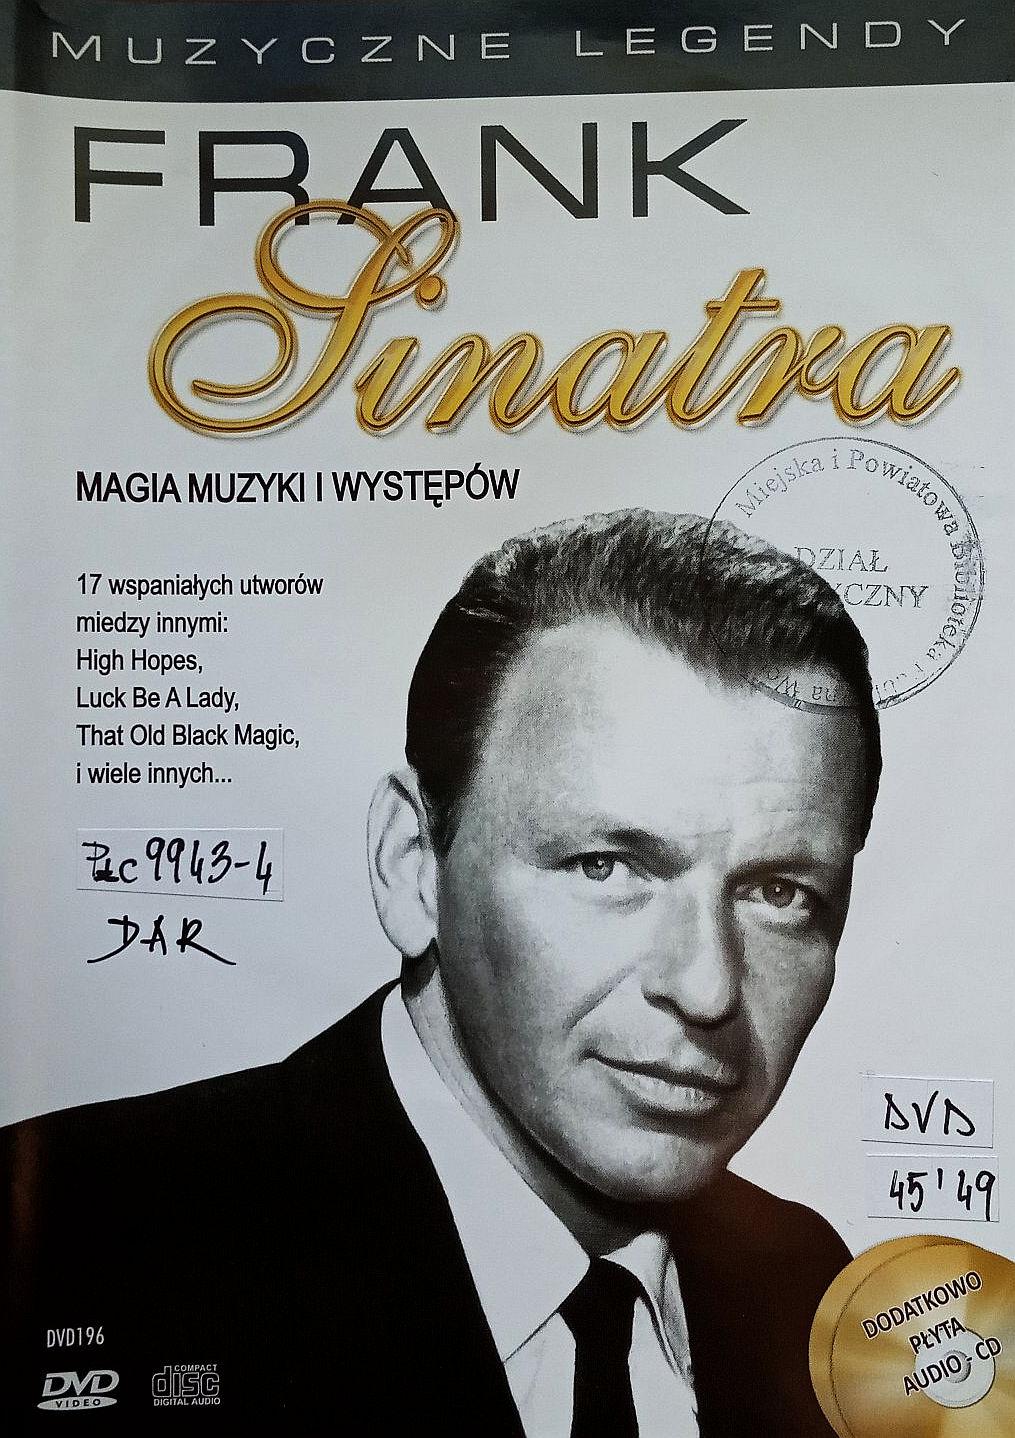 SINATRA FRANK – Magia Muzyki I Występów